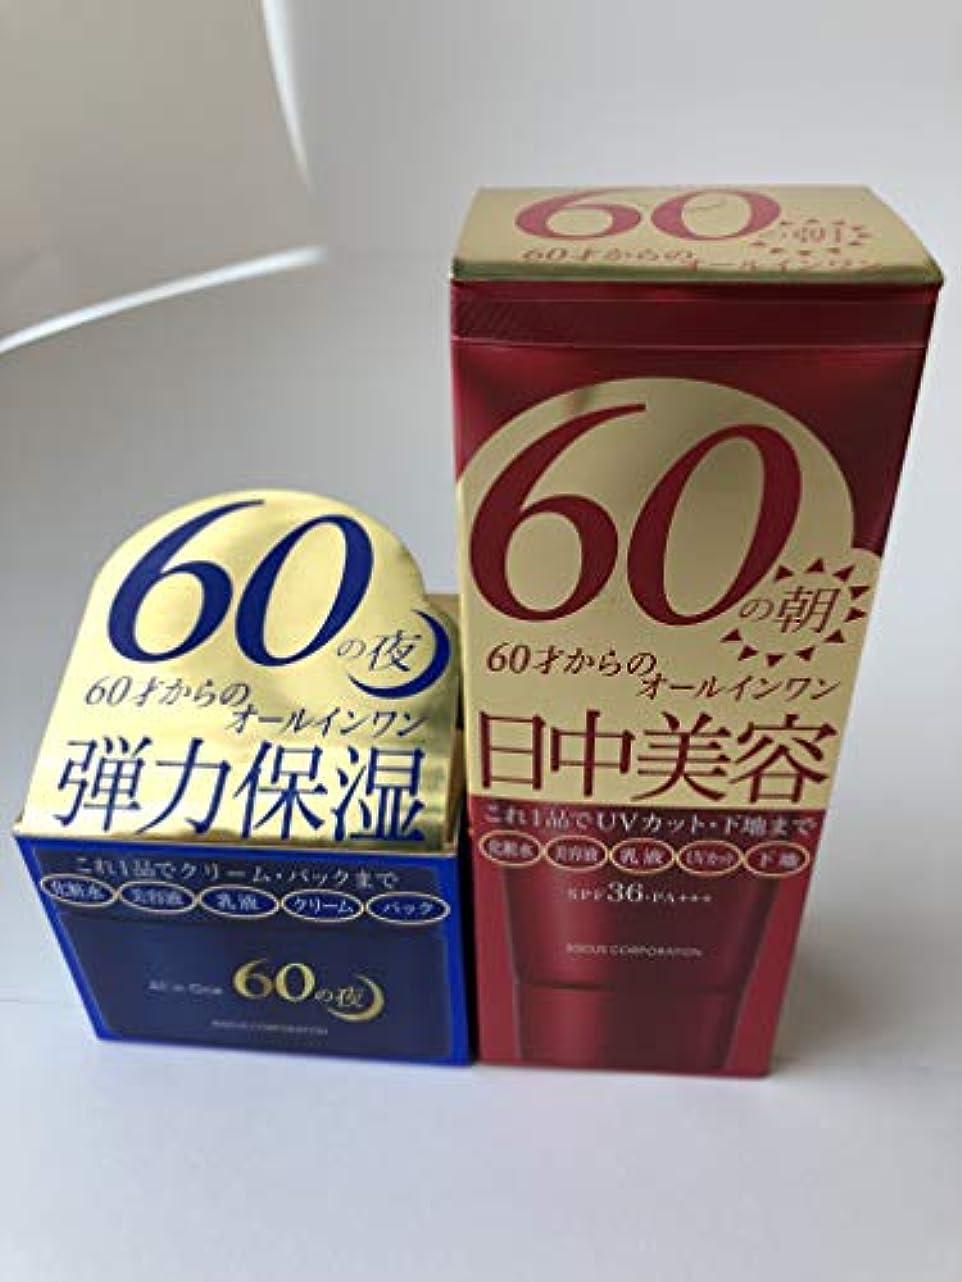 確実要件幻滅するビズー 60の朝(1本入) +ビズー 60の夜(1本入) / (1set)